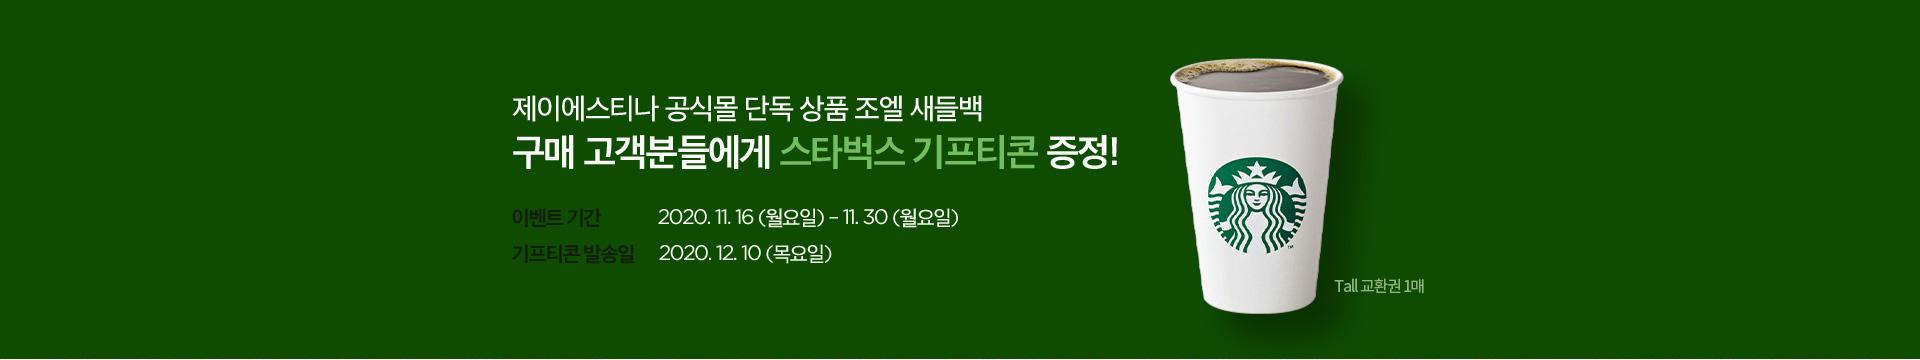 제이에스티나 공식몰 단독 상품 조엘 새들백 구매 고객분들에게 스타벅스 기프티콘 증정!